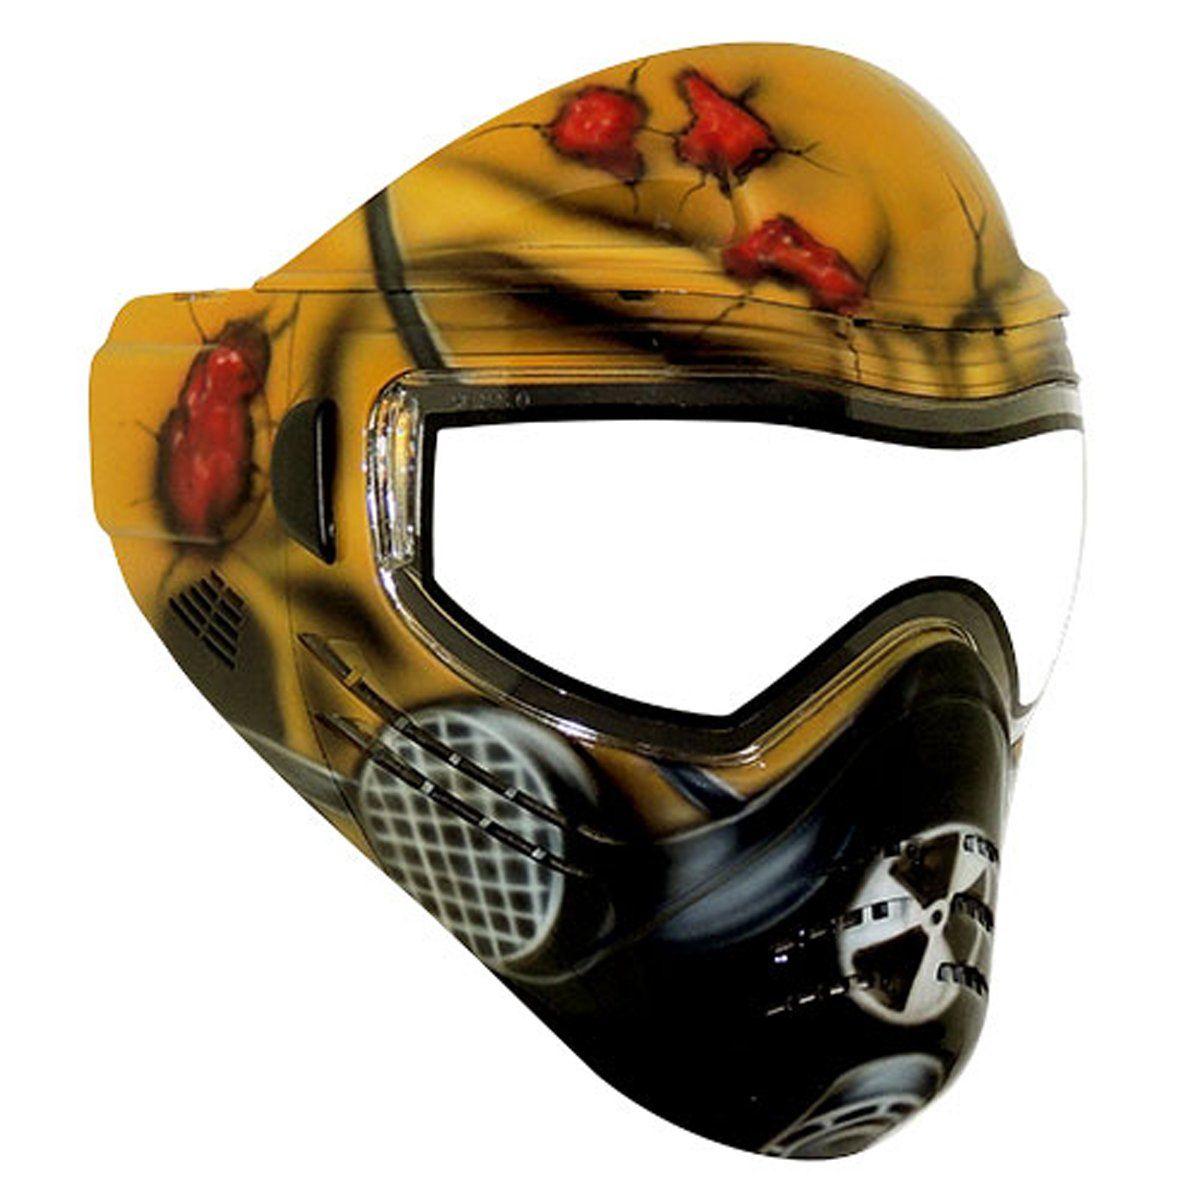 Intimidating airsoft masks at target